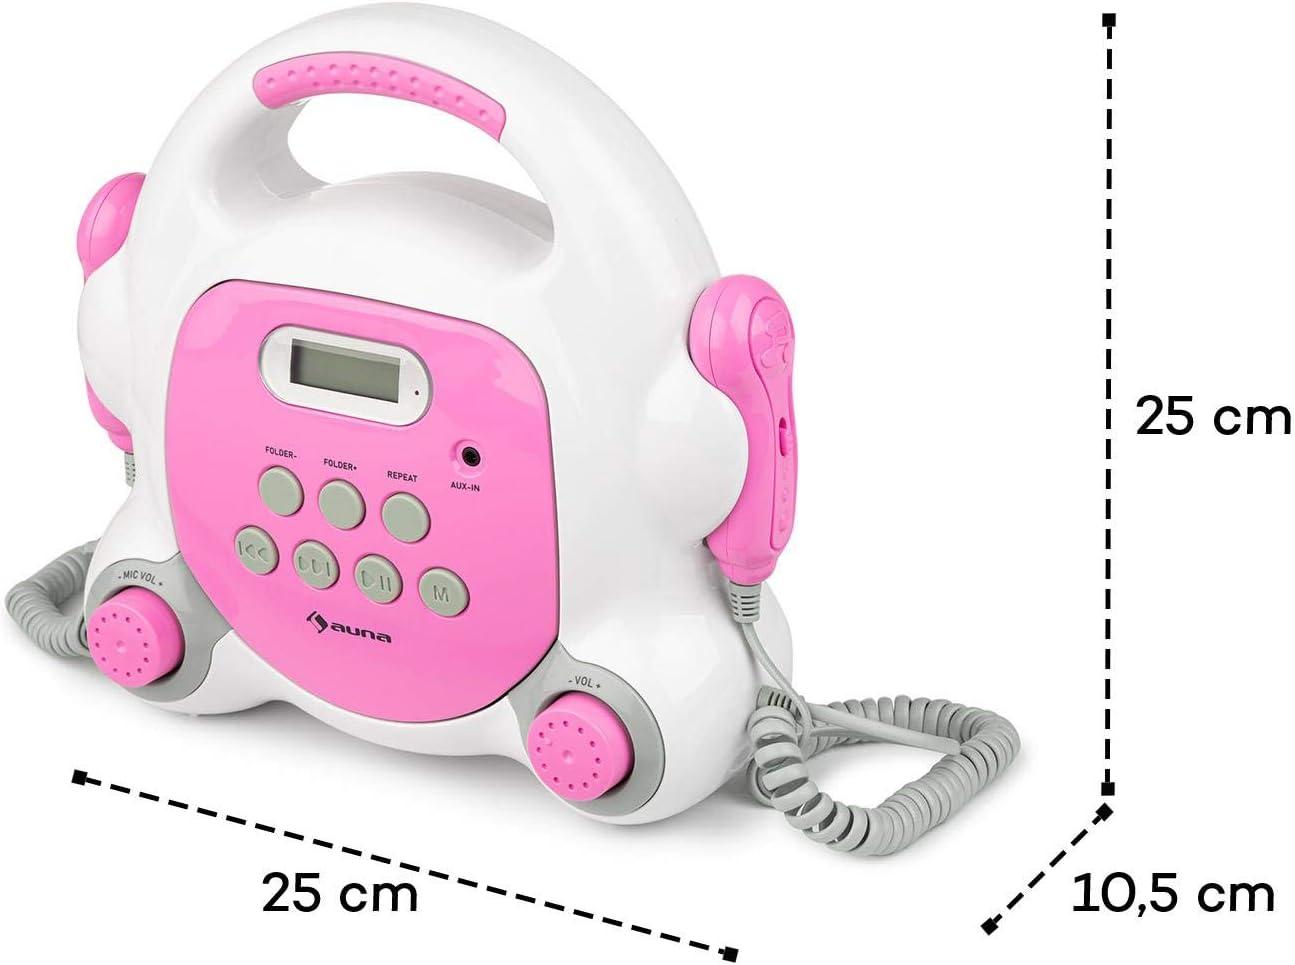 USB-Port Bluetooth Strom- und Batteriebetrieb gr/ün AUNA Pocket Rocker BT Karaoke-Player Sing-A-Long mit 2 x Handmikrofon LCD-Display MP3-Wiedergabe praktischer Tragegriff AUX-Anschluss